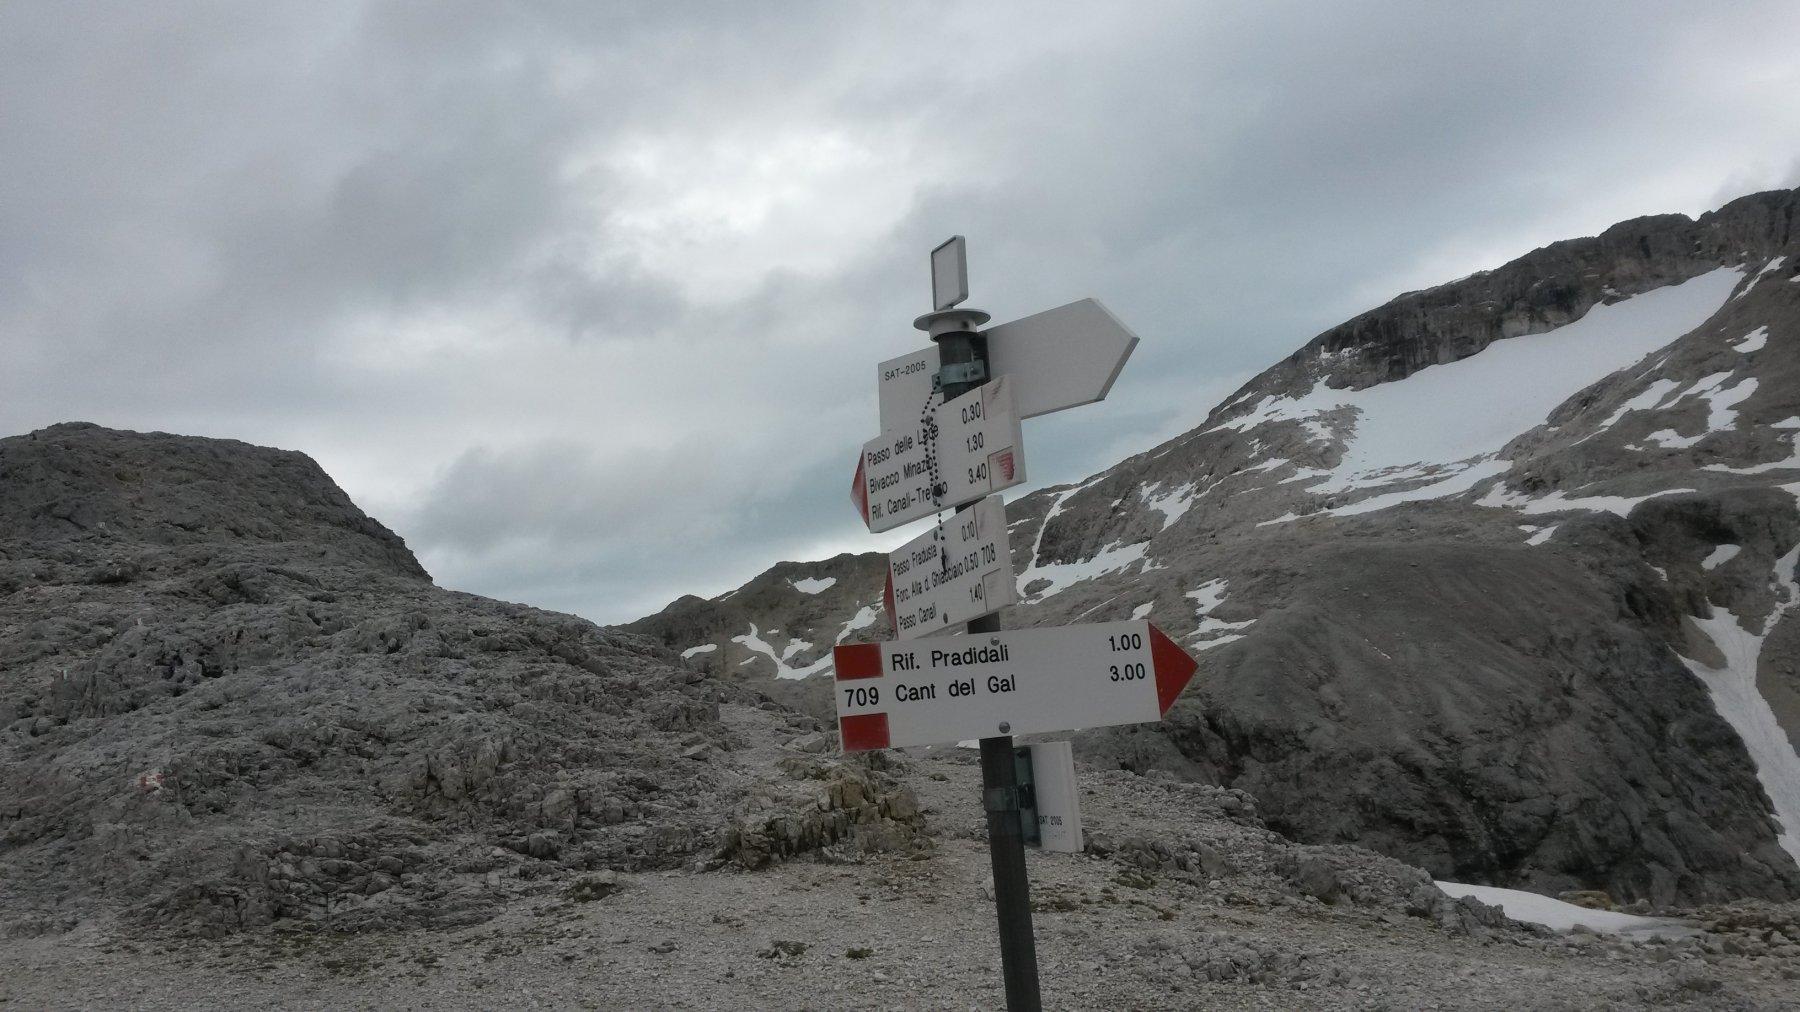 Il ghiacciaio della Fradusta dal Passo Pradidali Basso